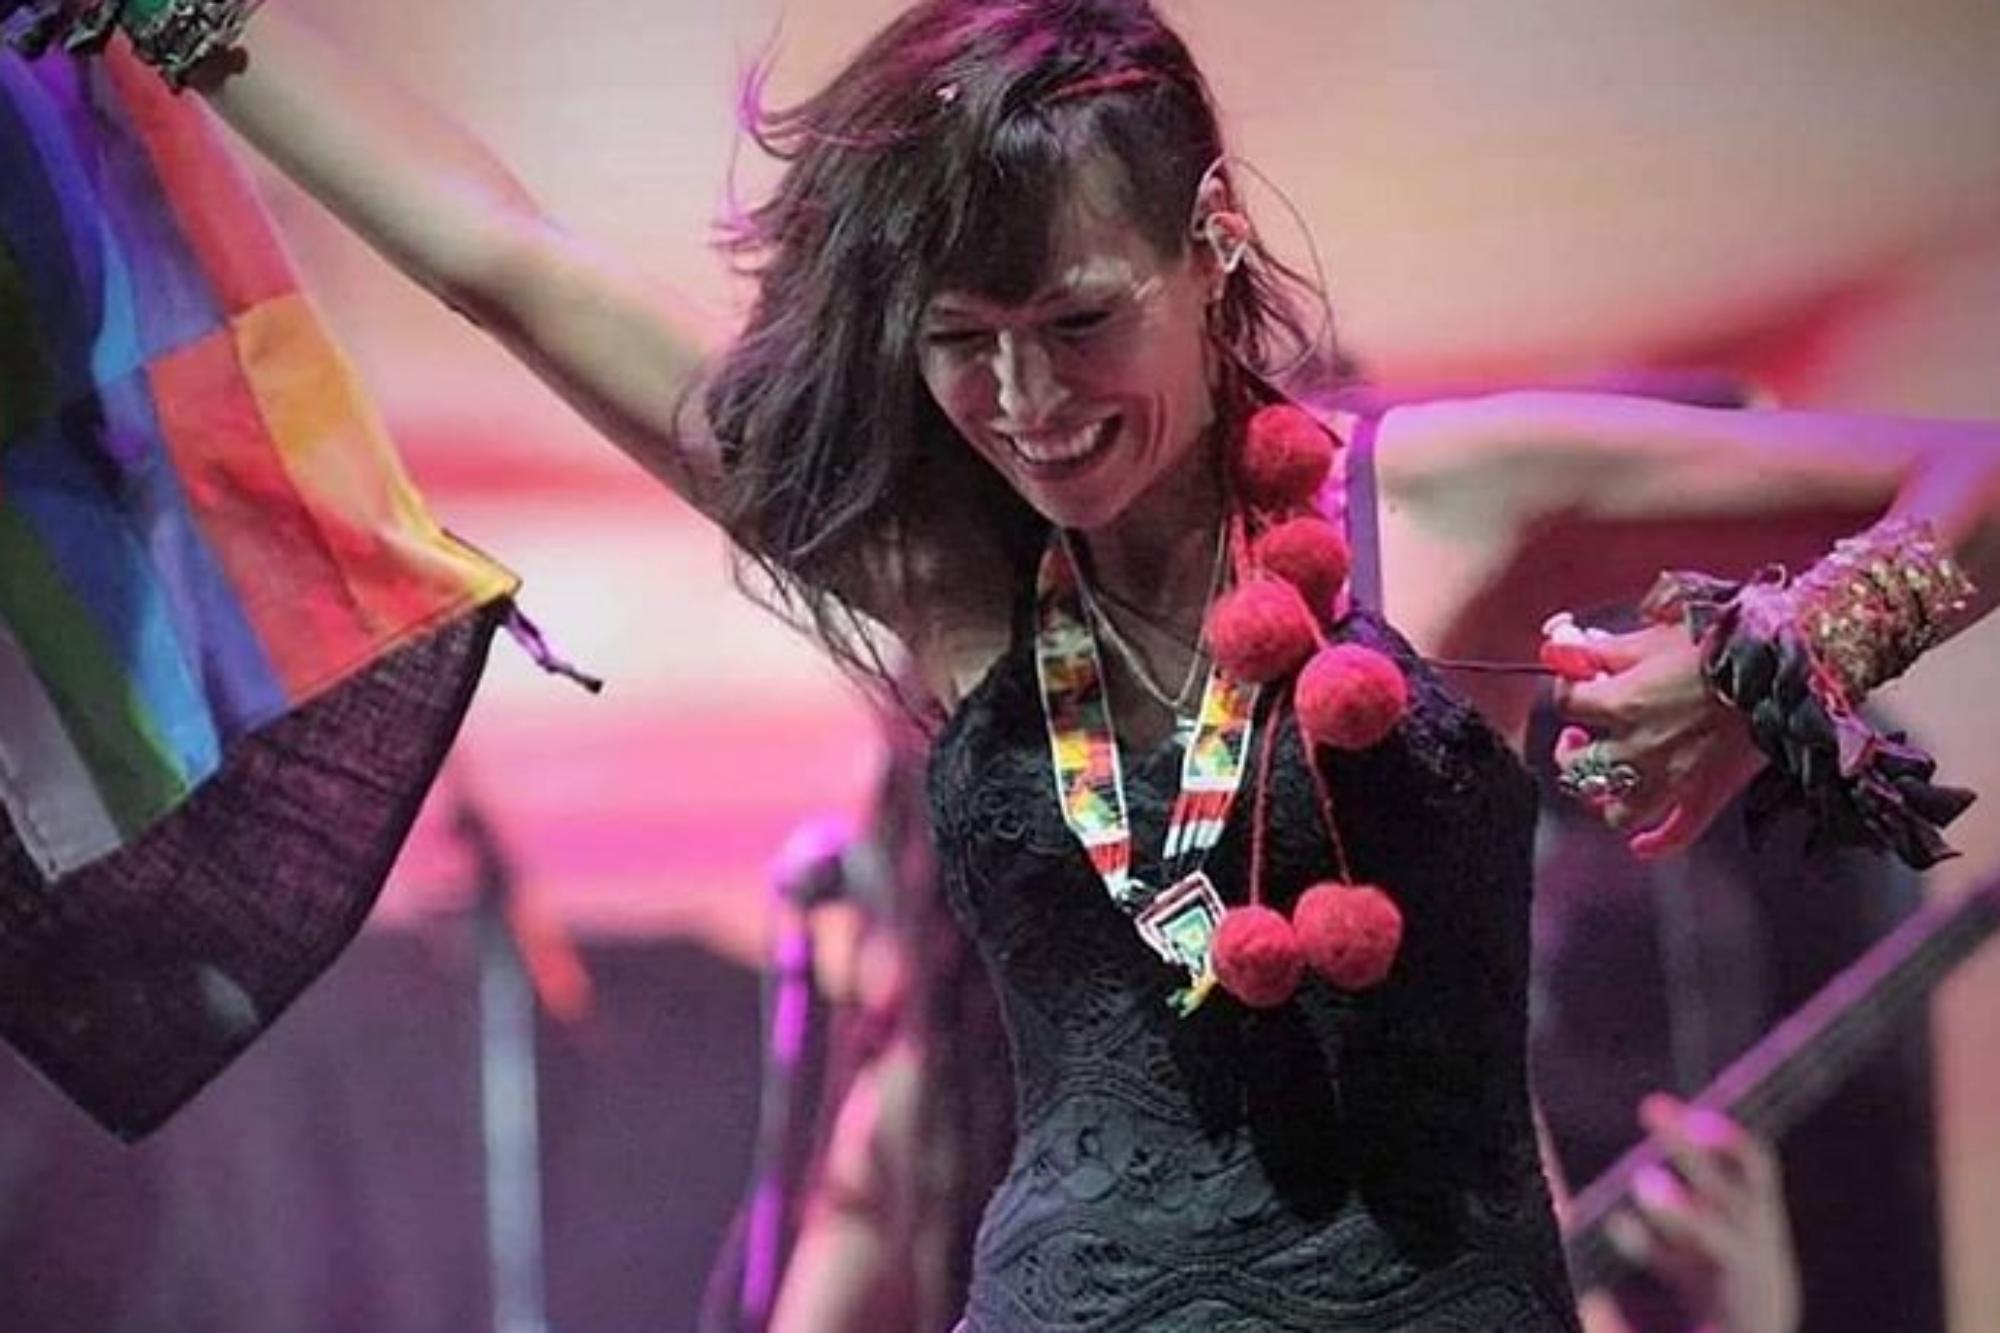 Cómo fue la detención a la folklorista Roxana Carabajal